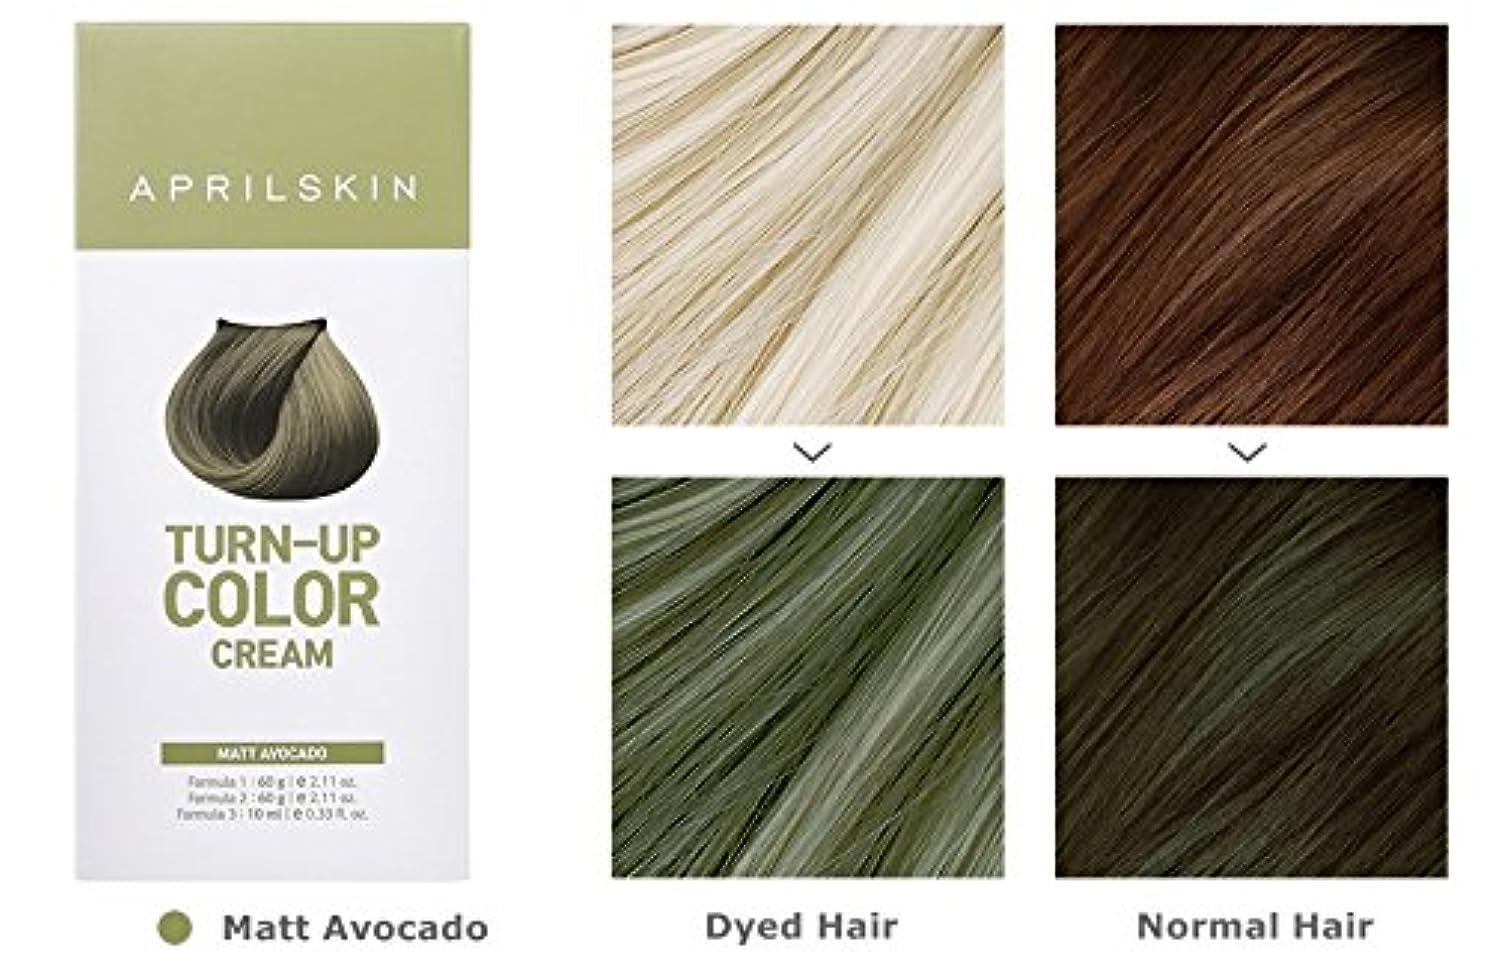 気球消費する明るいApril Skin Turn Up Color Cream Long lasting Texture Type Hair Dye エイプリルスキン ターンアップカラークリーム長持ちテクスチャタイプヘアダイ (紅)